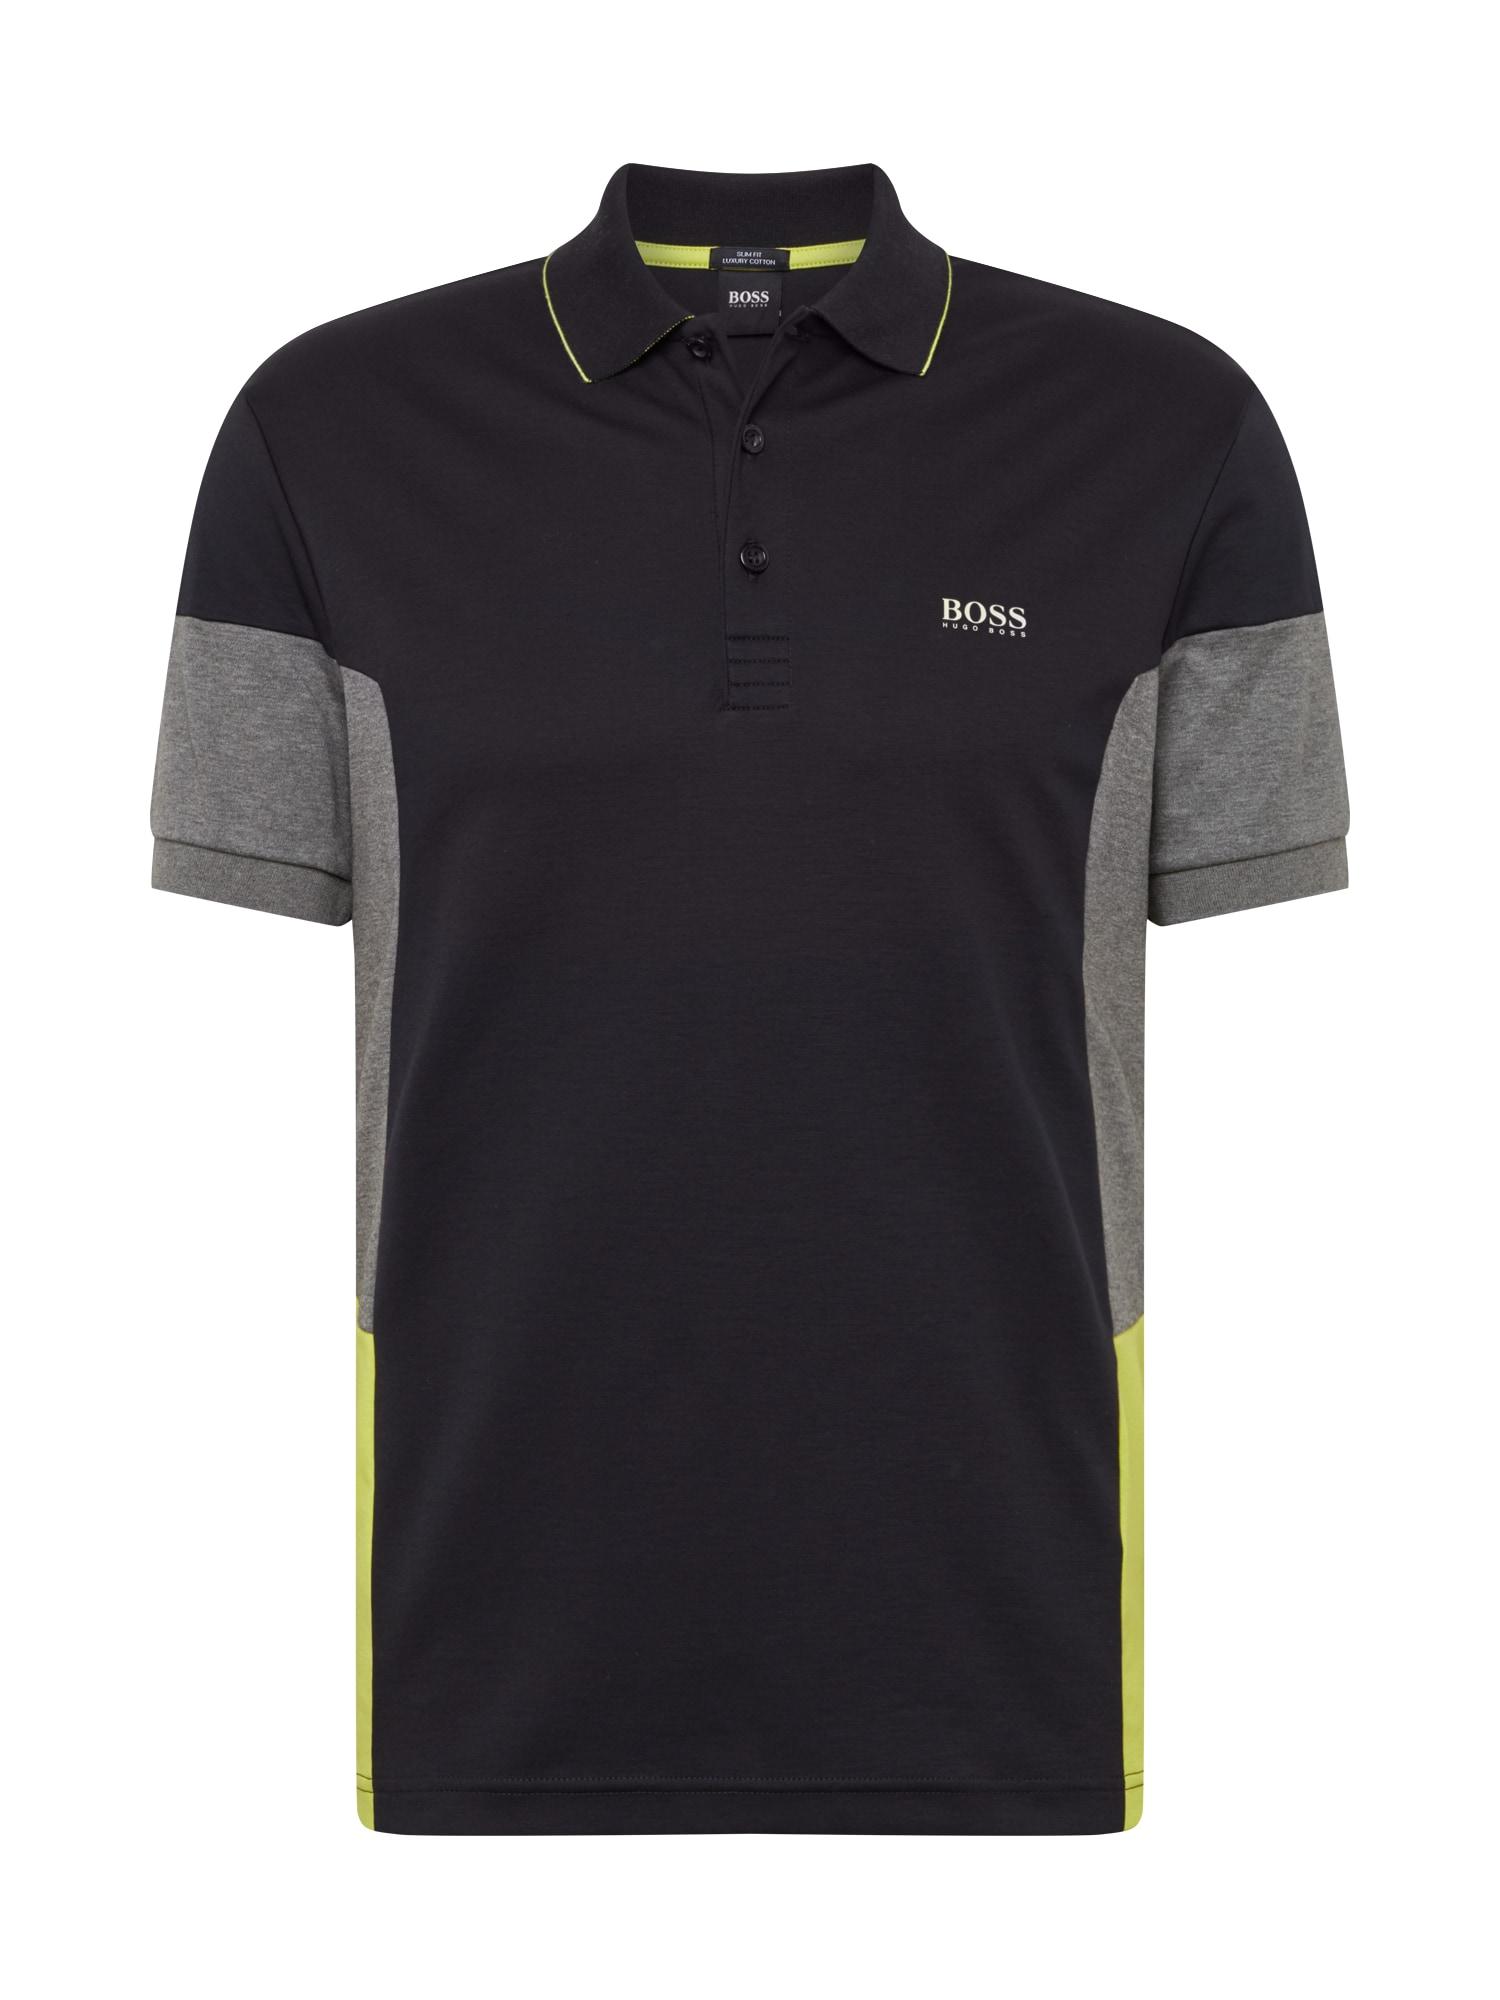 BOSS ATHLEISURE Tričko 'Paule 1'  černá / šedá / žlutá